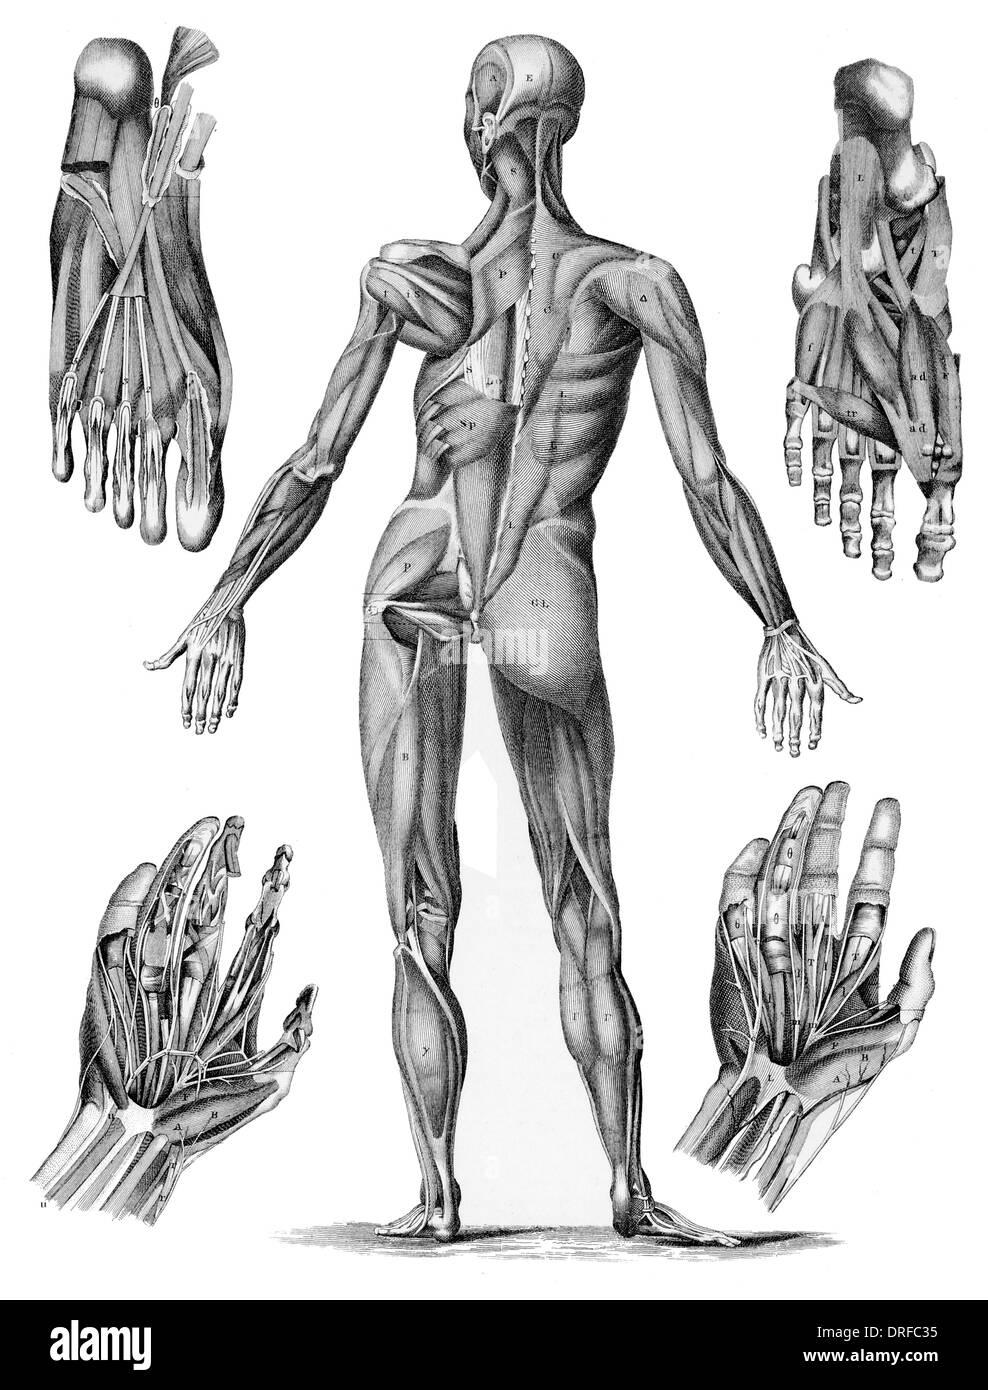 Anatomía muscular humana - Macho músculos desde el posterior, incluidas las manos y pies Imagen De Stock